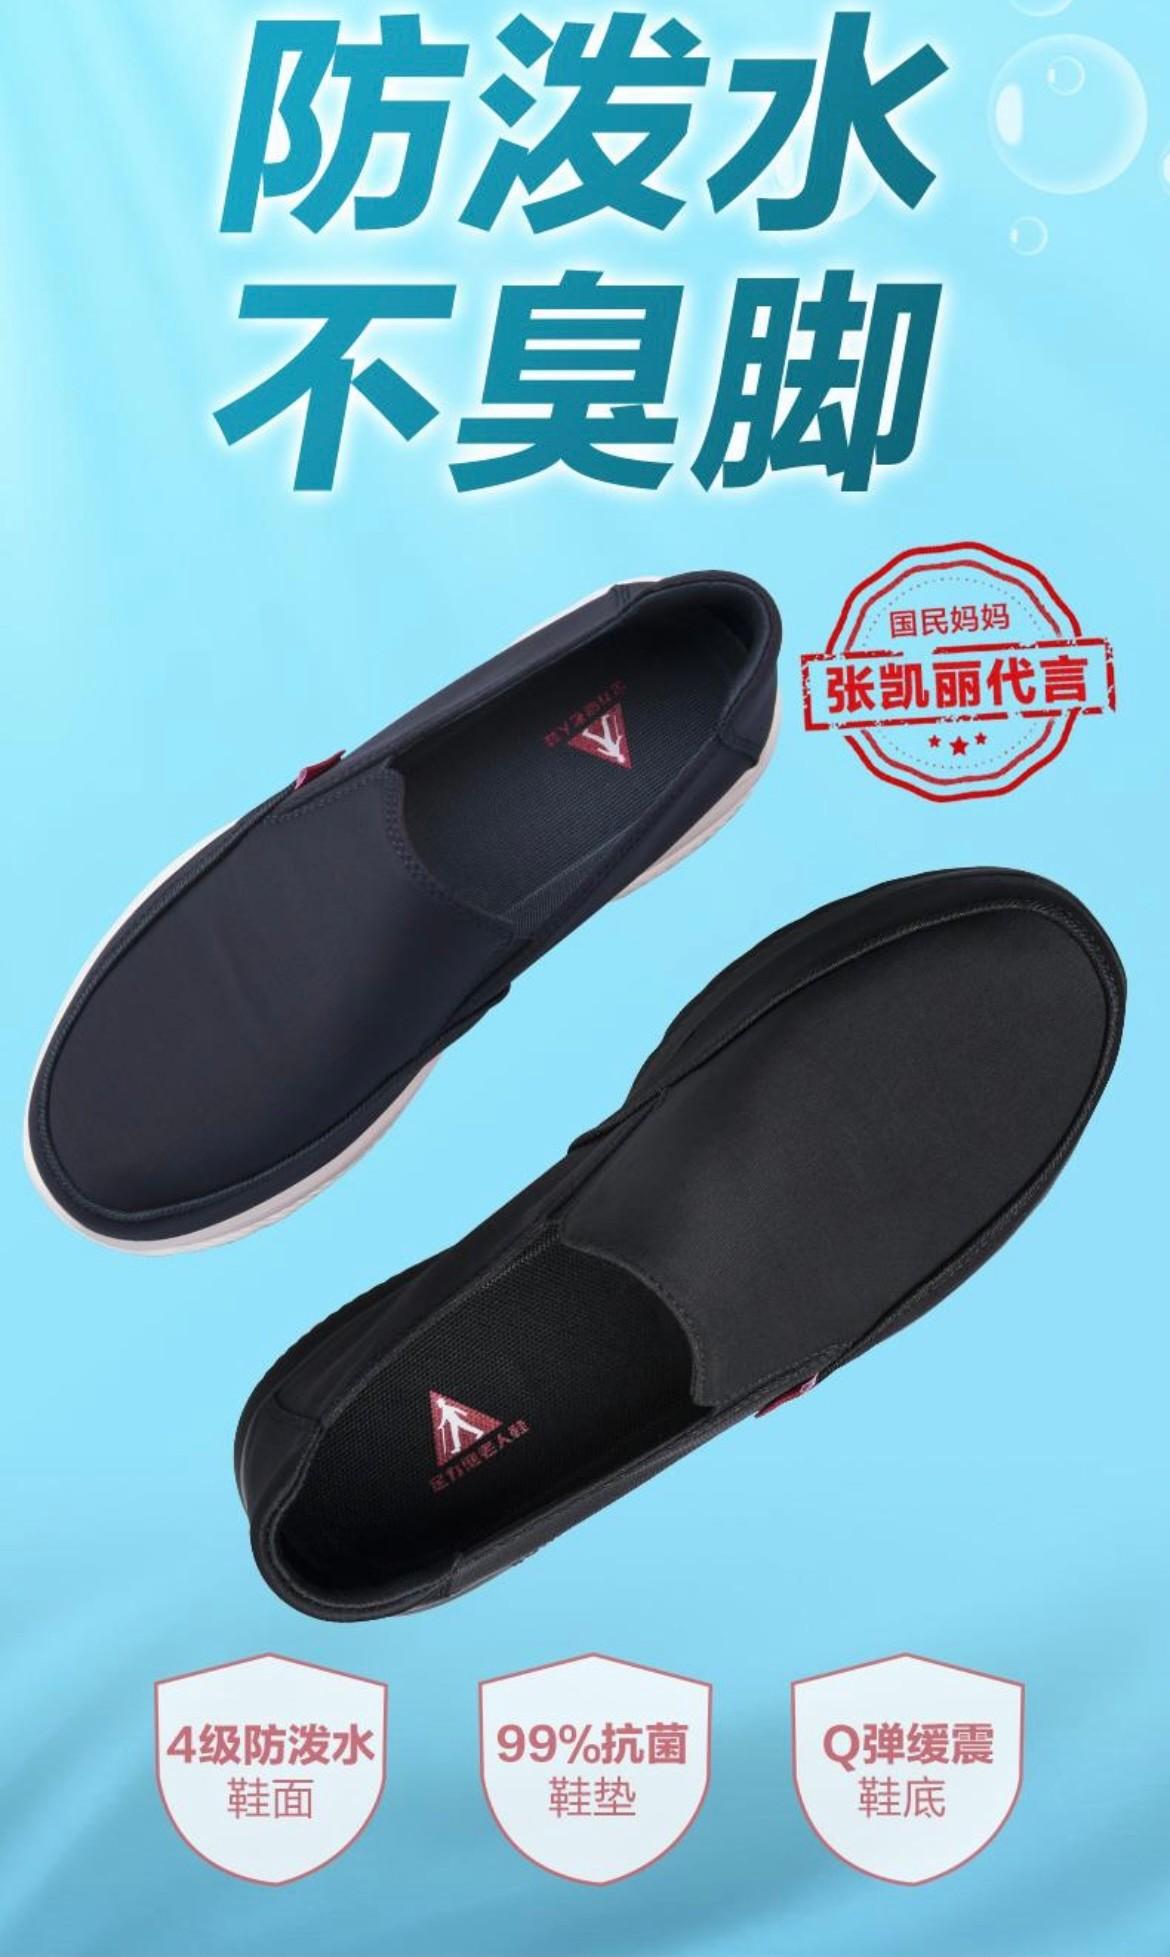 夏天给父母买谁家的鞋子更好?